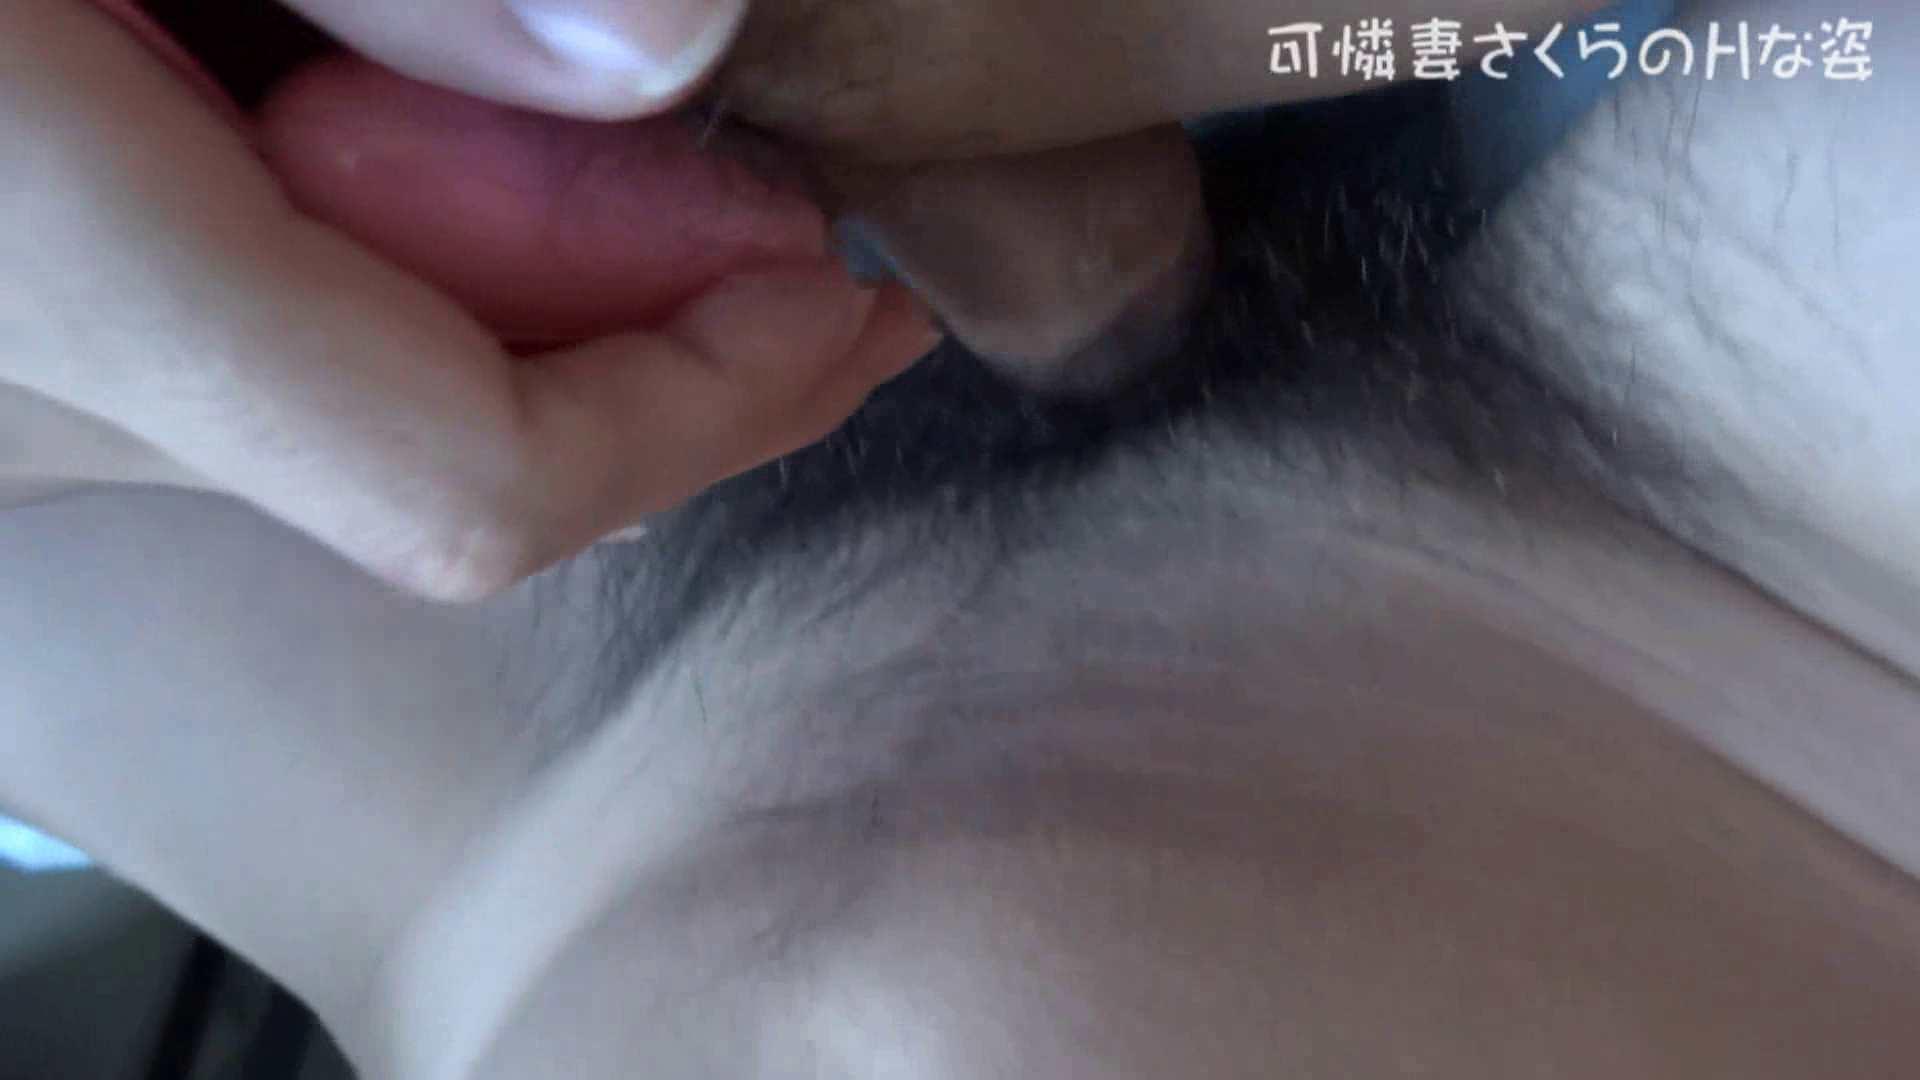 可憐妻さくらのHな姿vol.18 淫乱 濡れ場動画紹介 88連発 48